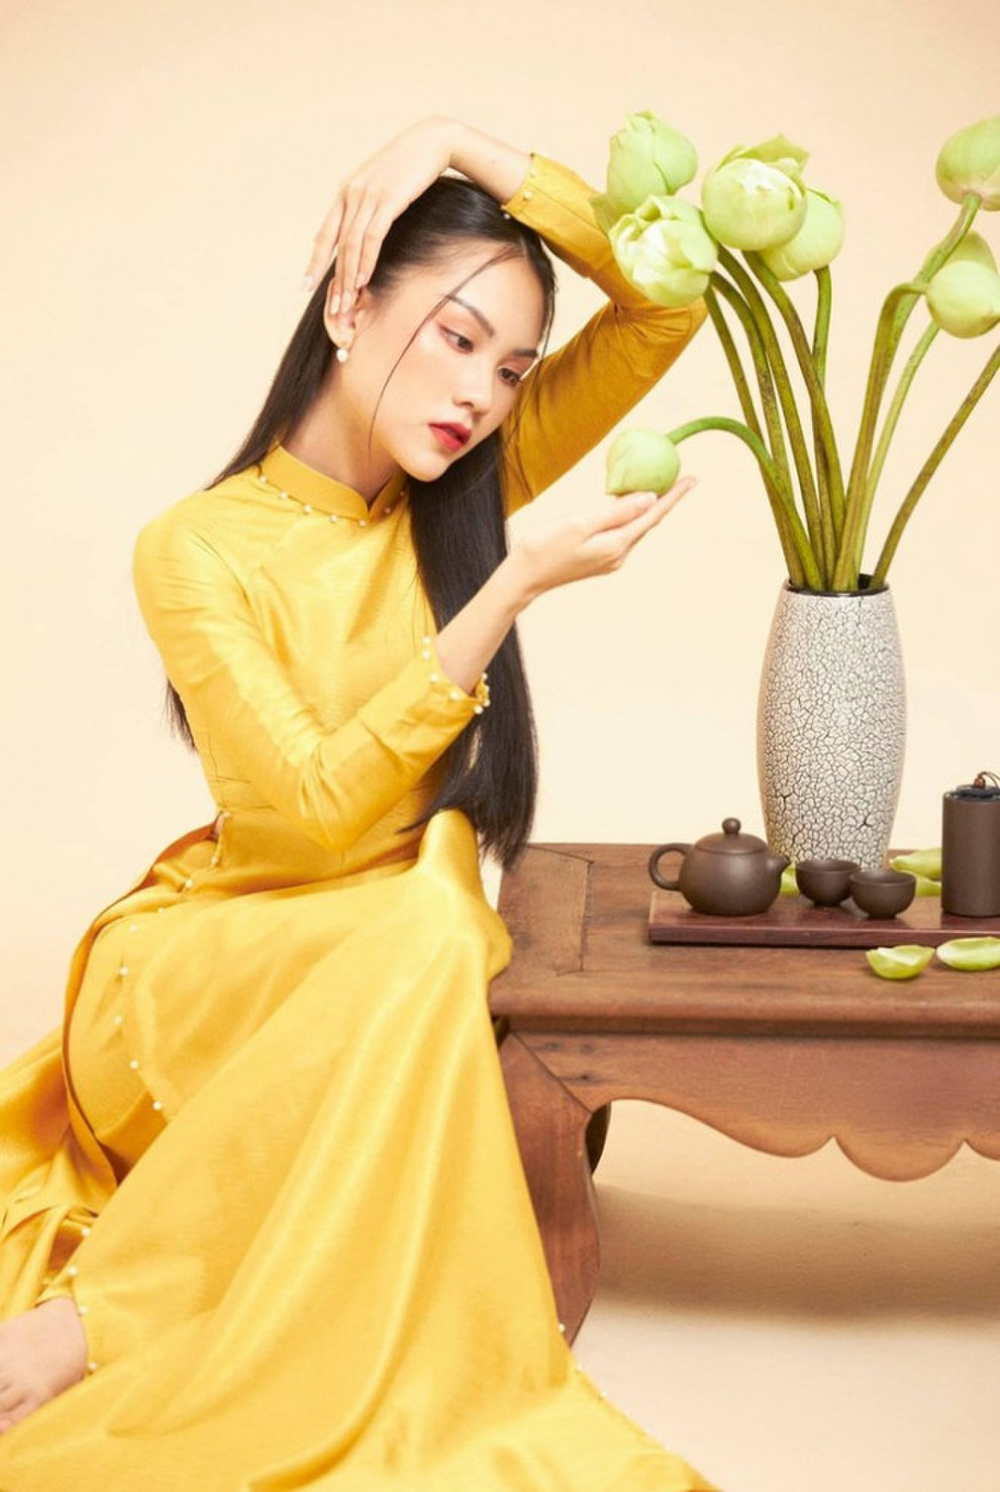 Đỗ Mỹ Linh, Tiểu Vy, Hà Tăng diện áo dài ngọt ngào, gợi ý xu hướng Tết 2021 Ảnh 2